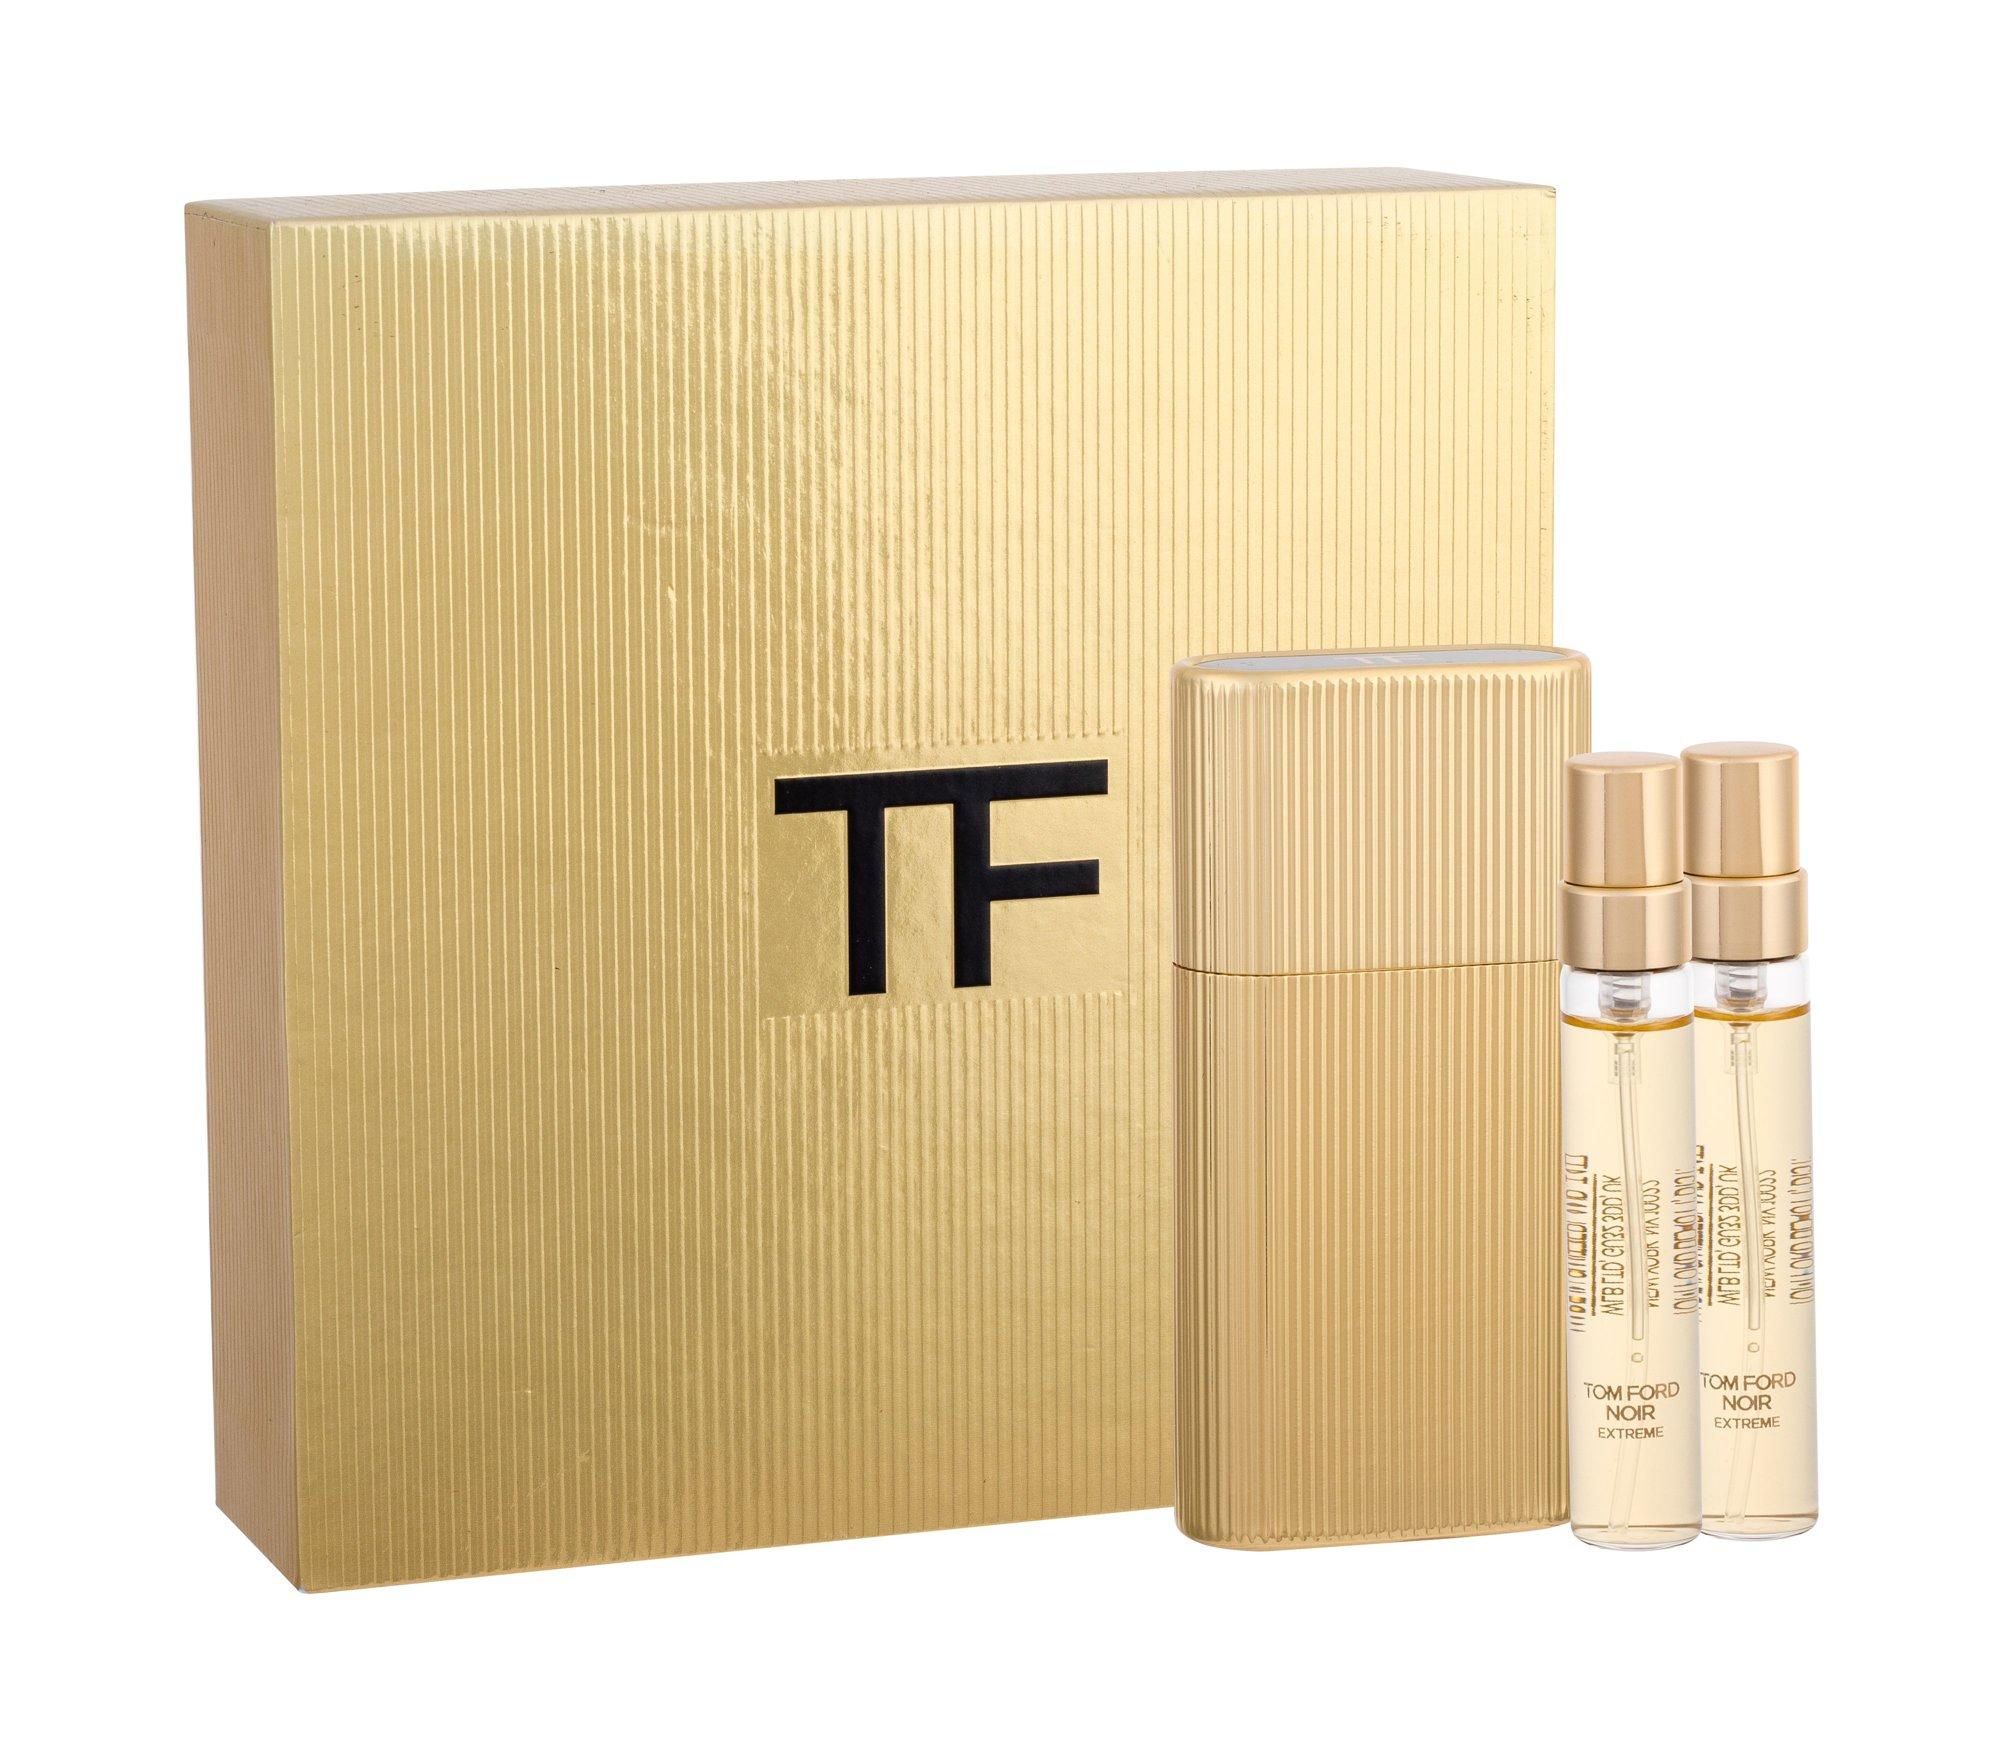 TOM FORD Noir Extreme Eau de Parfum 3x5ml